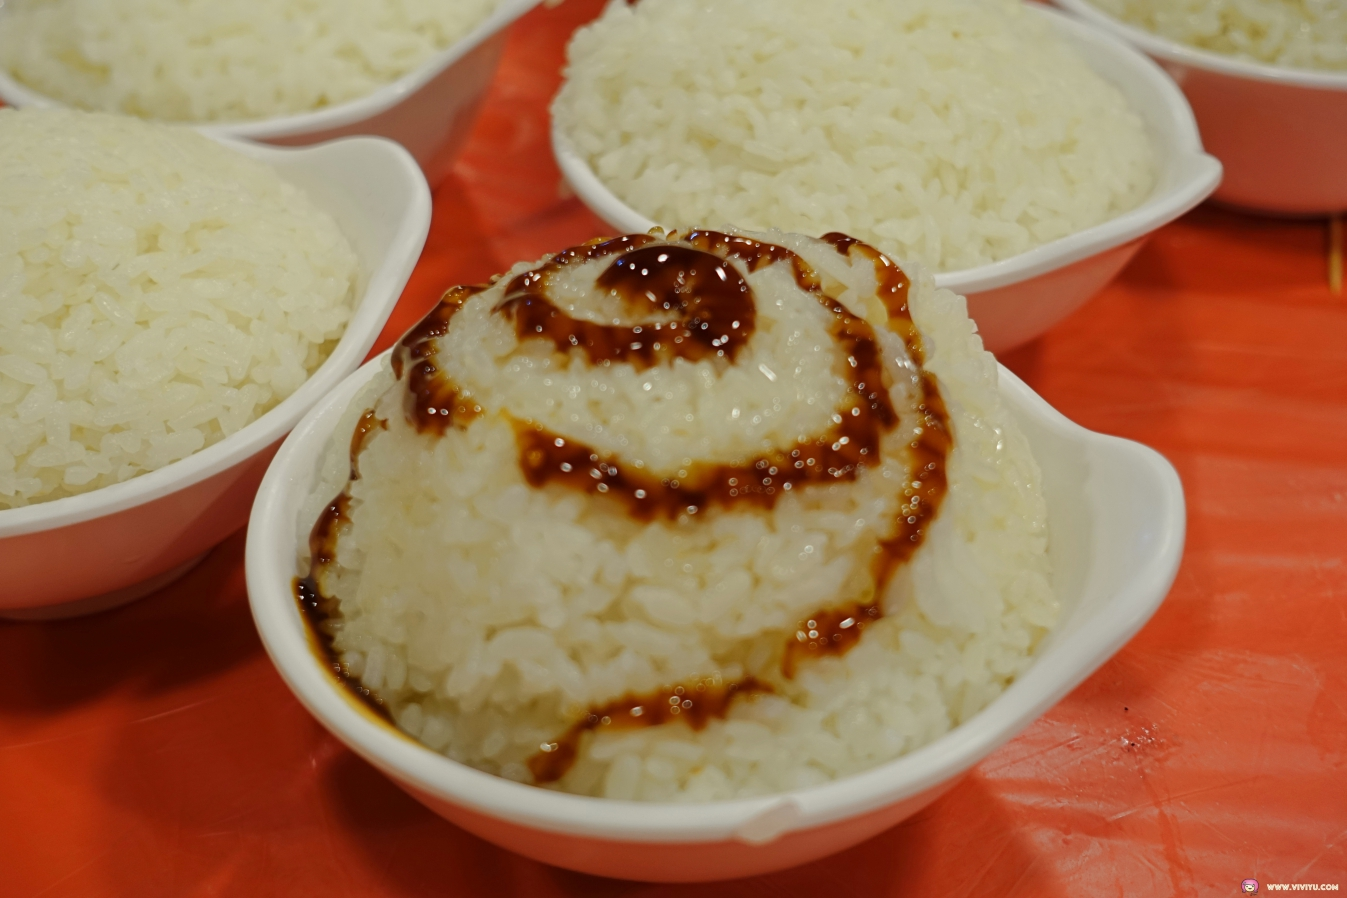 [宜蘭美食]基隆甕仔雞~在國道五附近美食餐廳.宜蘭聞名的古早風味招牌甕窯雞 @VIVIYU小世界